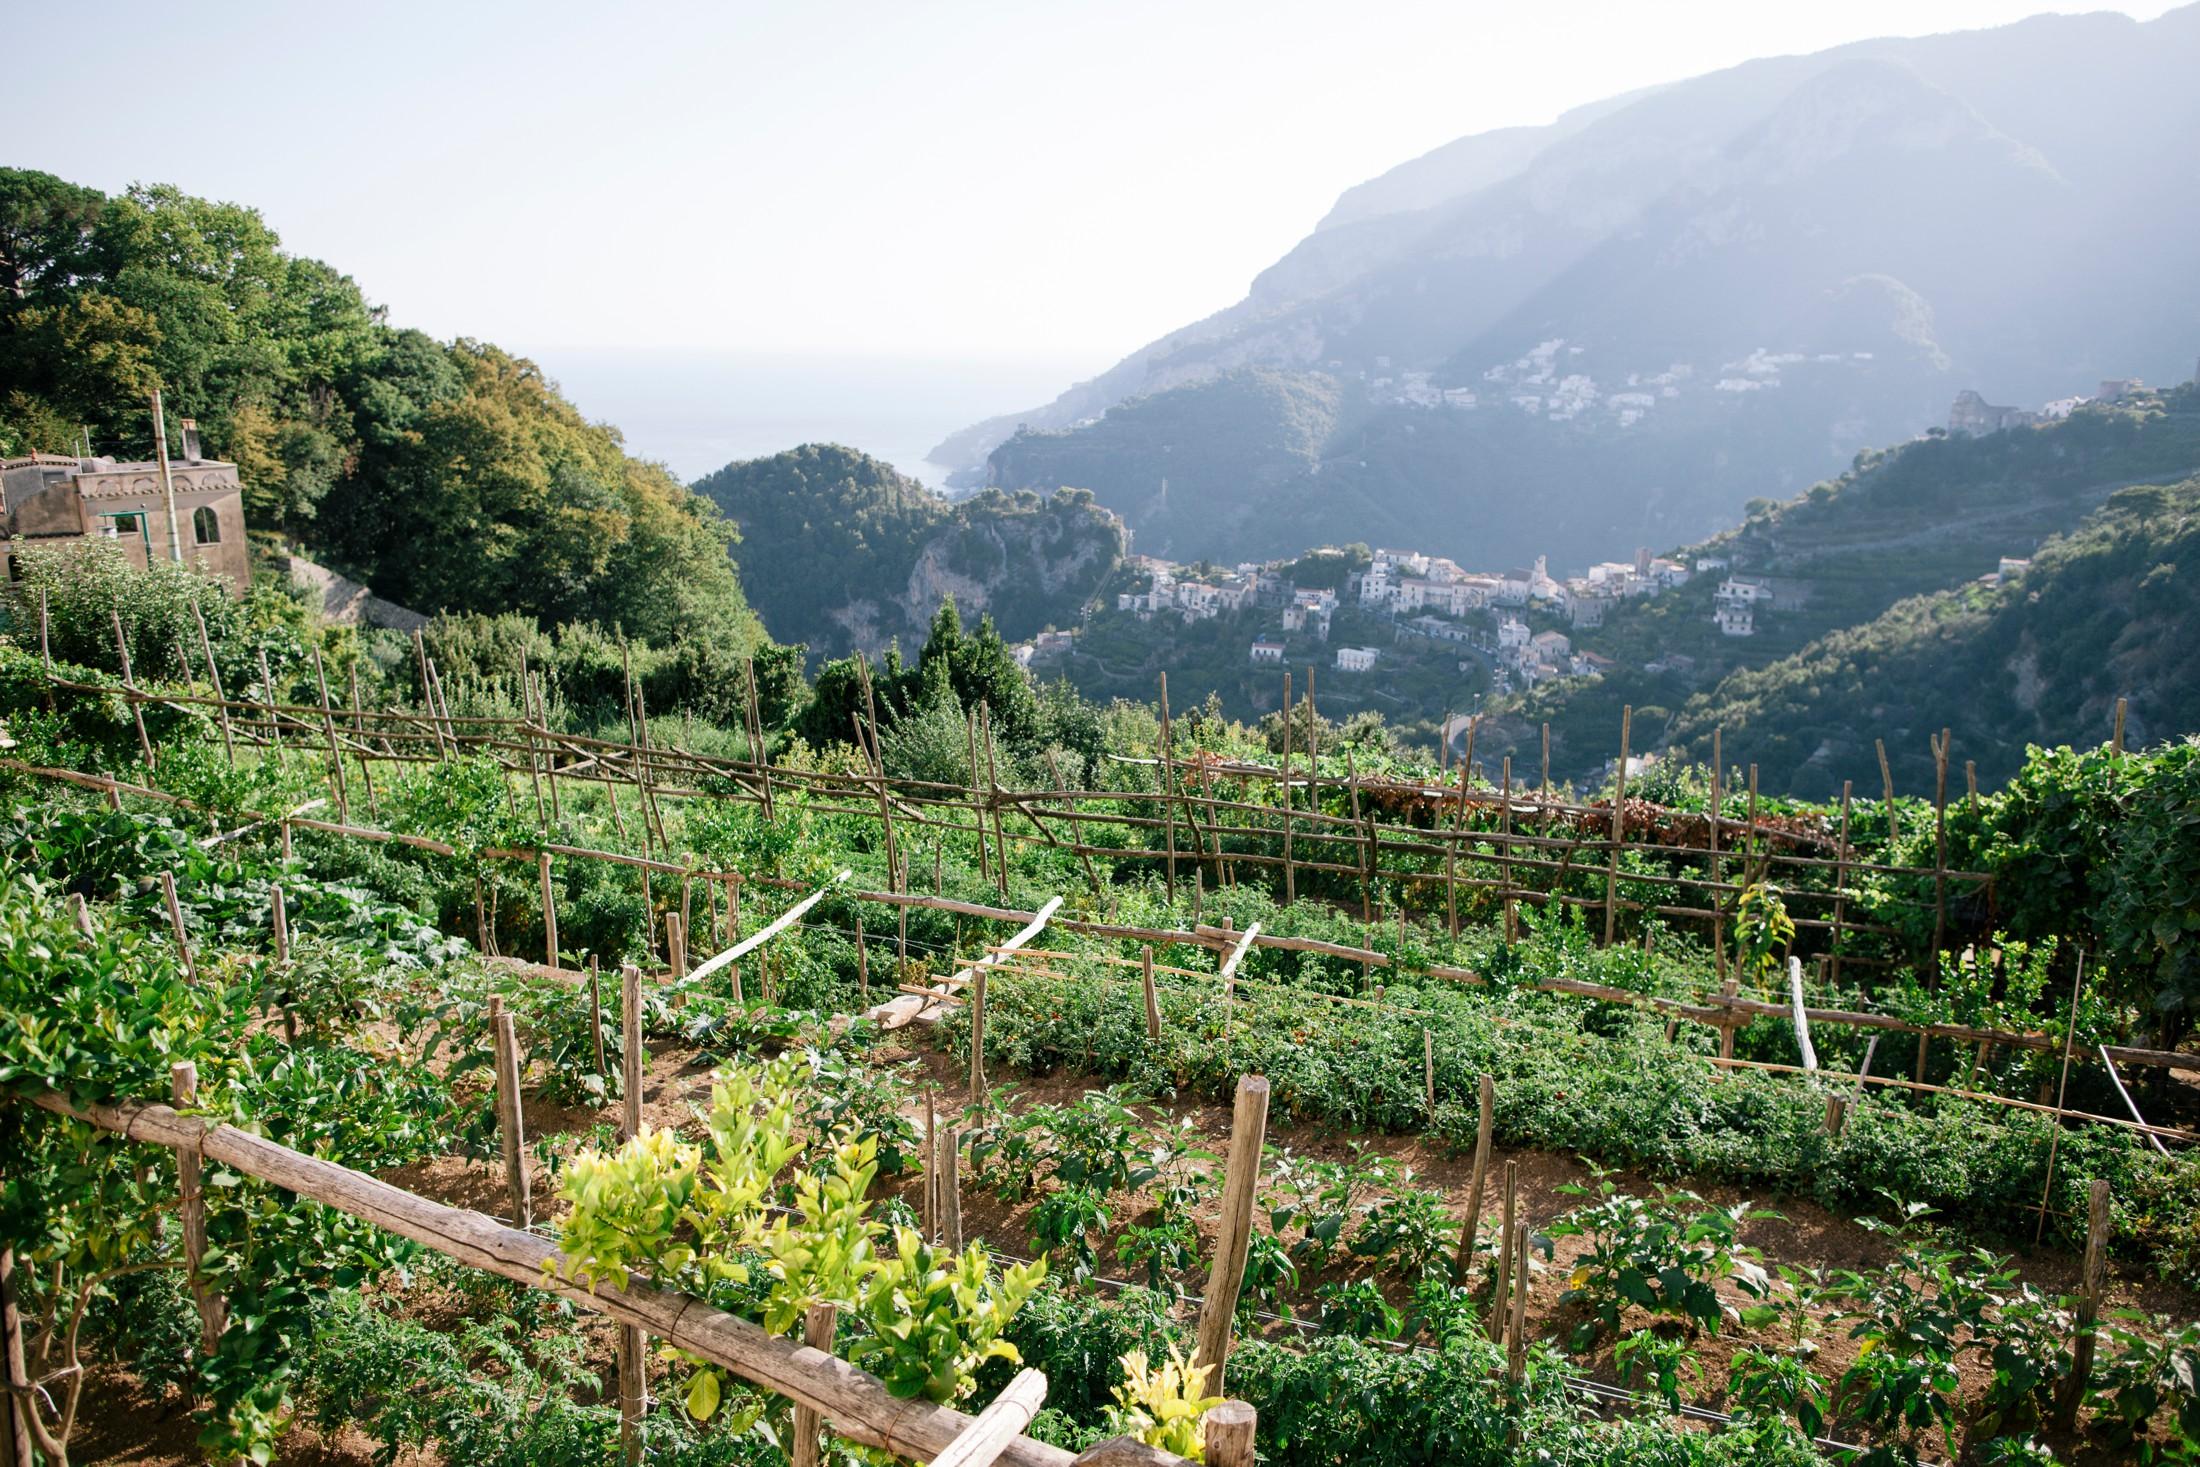 landscape from villa cimbrone ravello